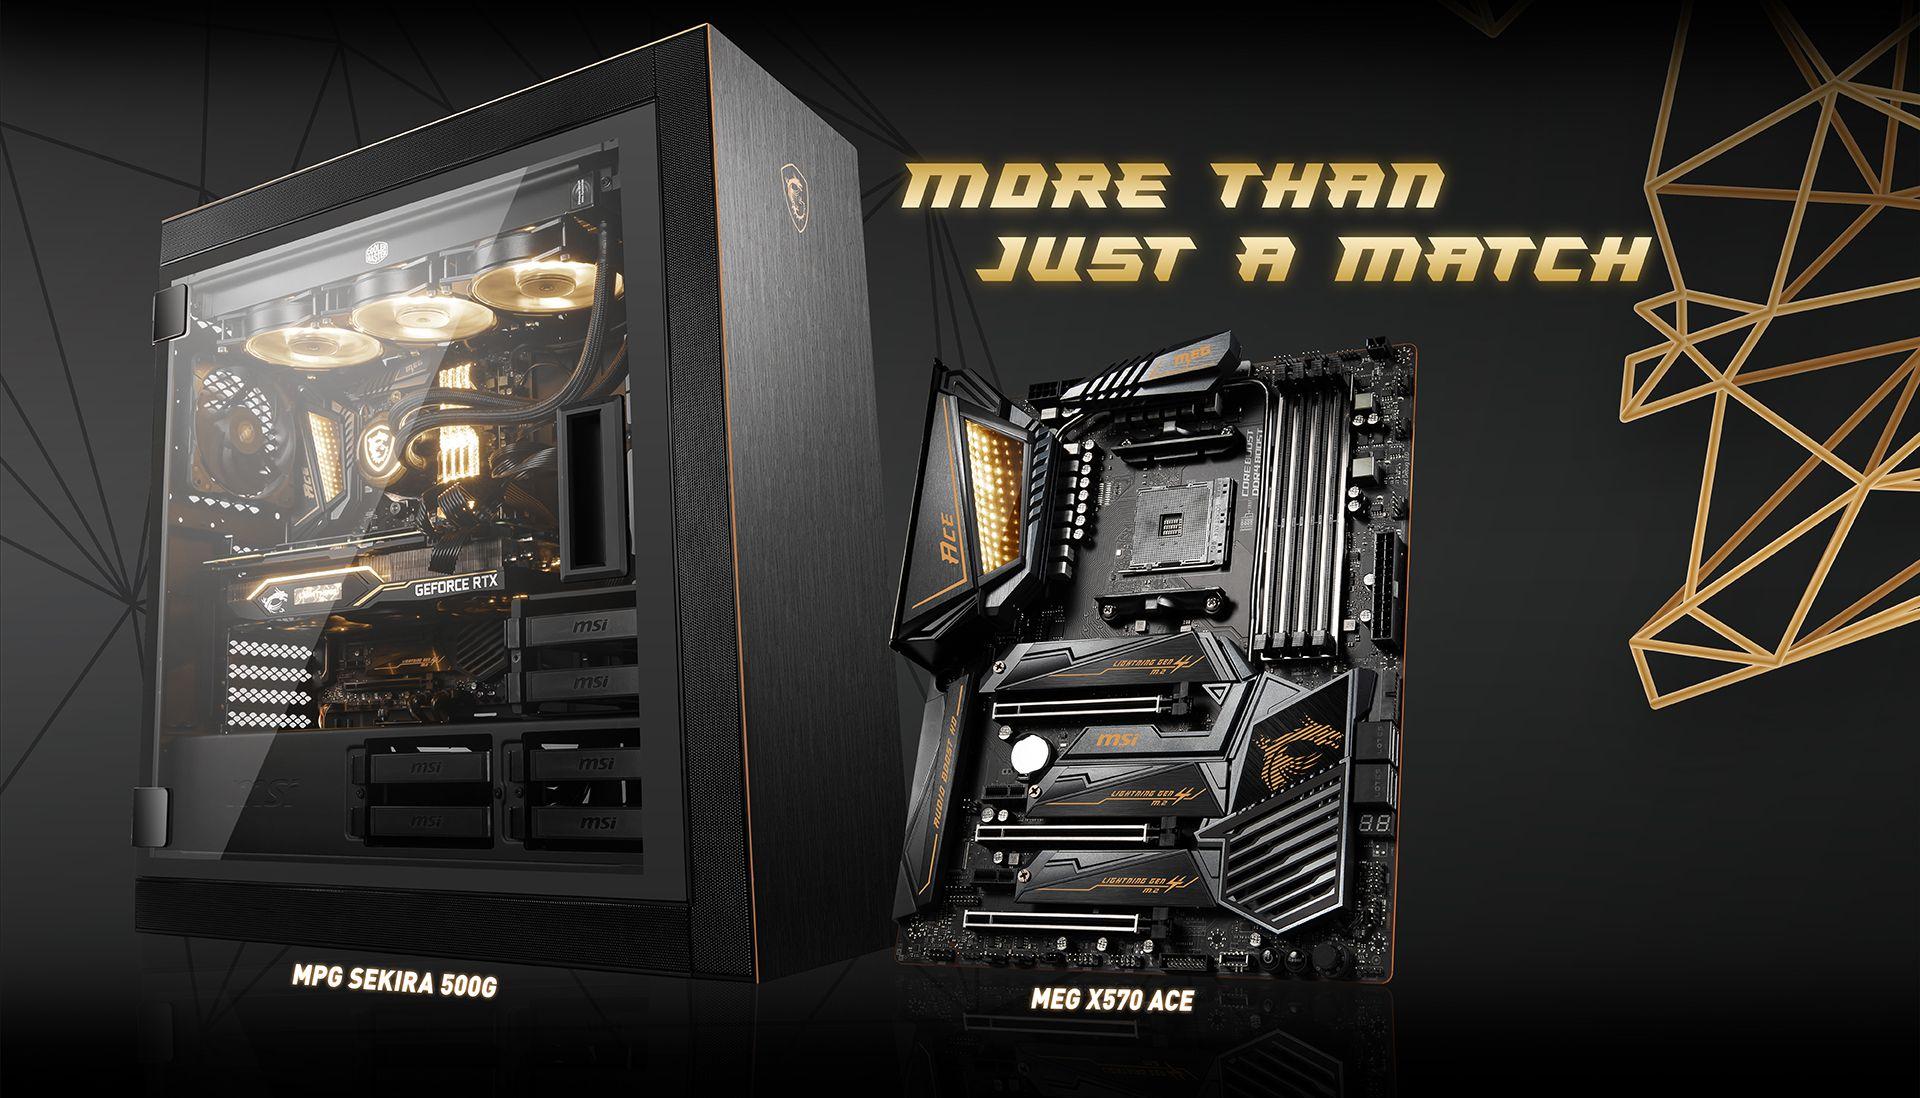 MSI MEG X570 ACE & MPG SEKIRA 500G BG